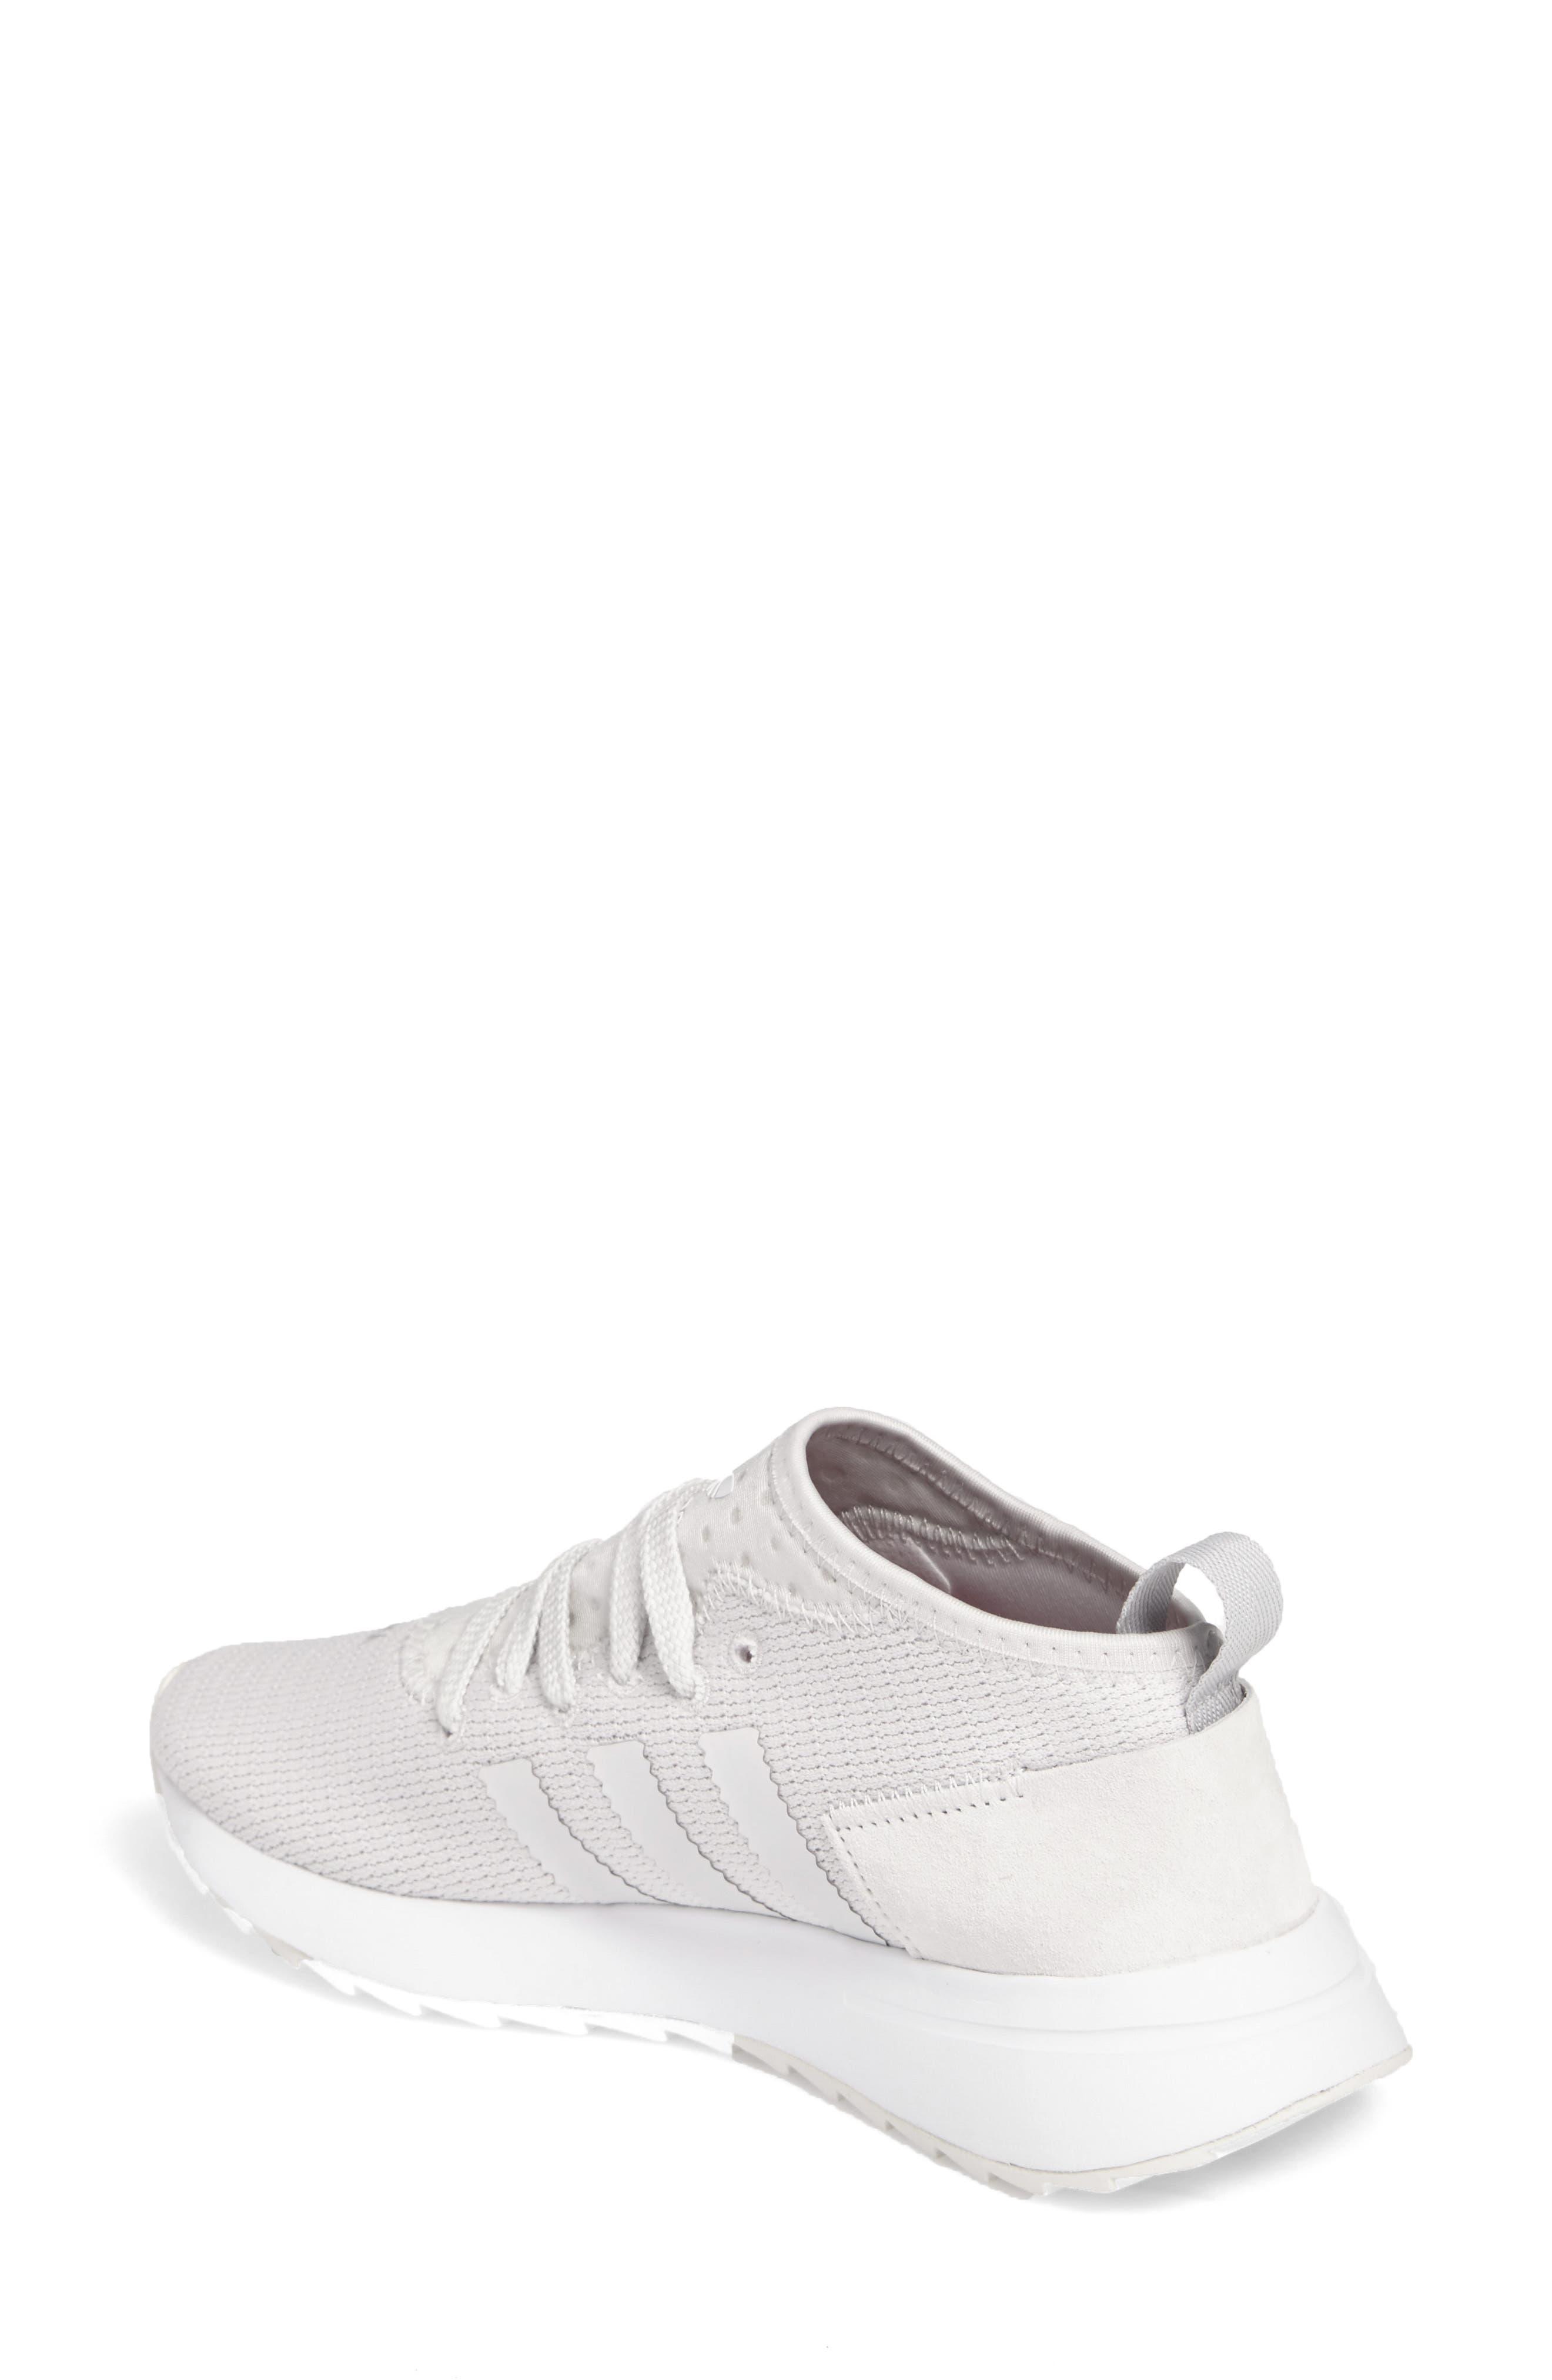 Flashback Winter Sneaker,                             Alternate thumbnail 2, color,                             Grey/ White